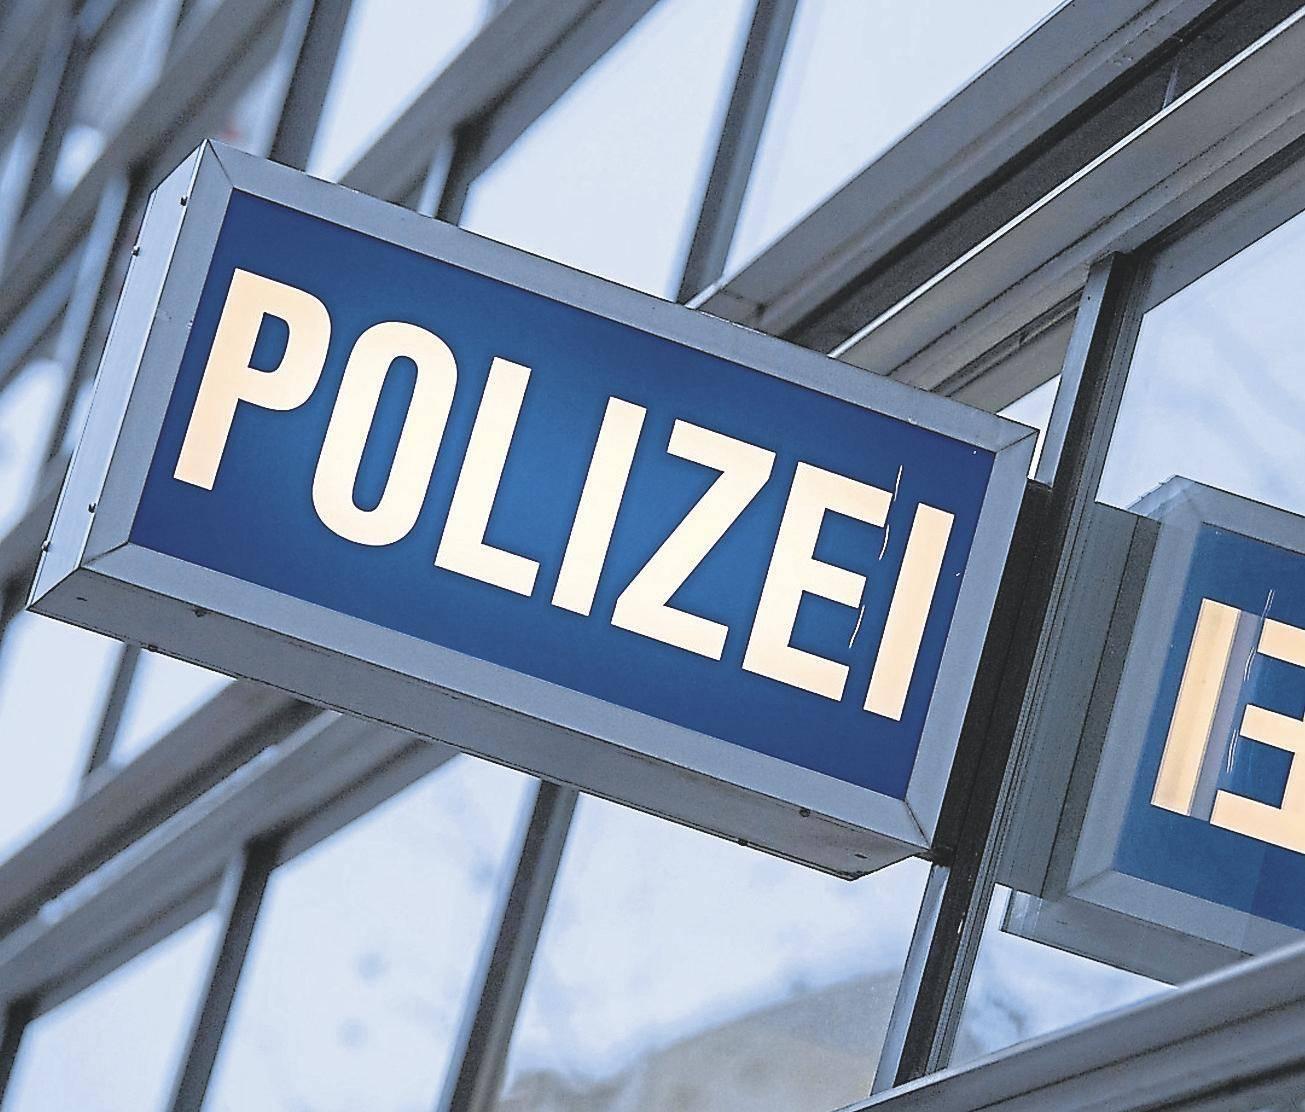 Entsetzen über Spuren Die Im Polizeiskandal Nach Kirtorf Führen